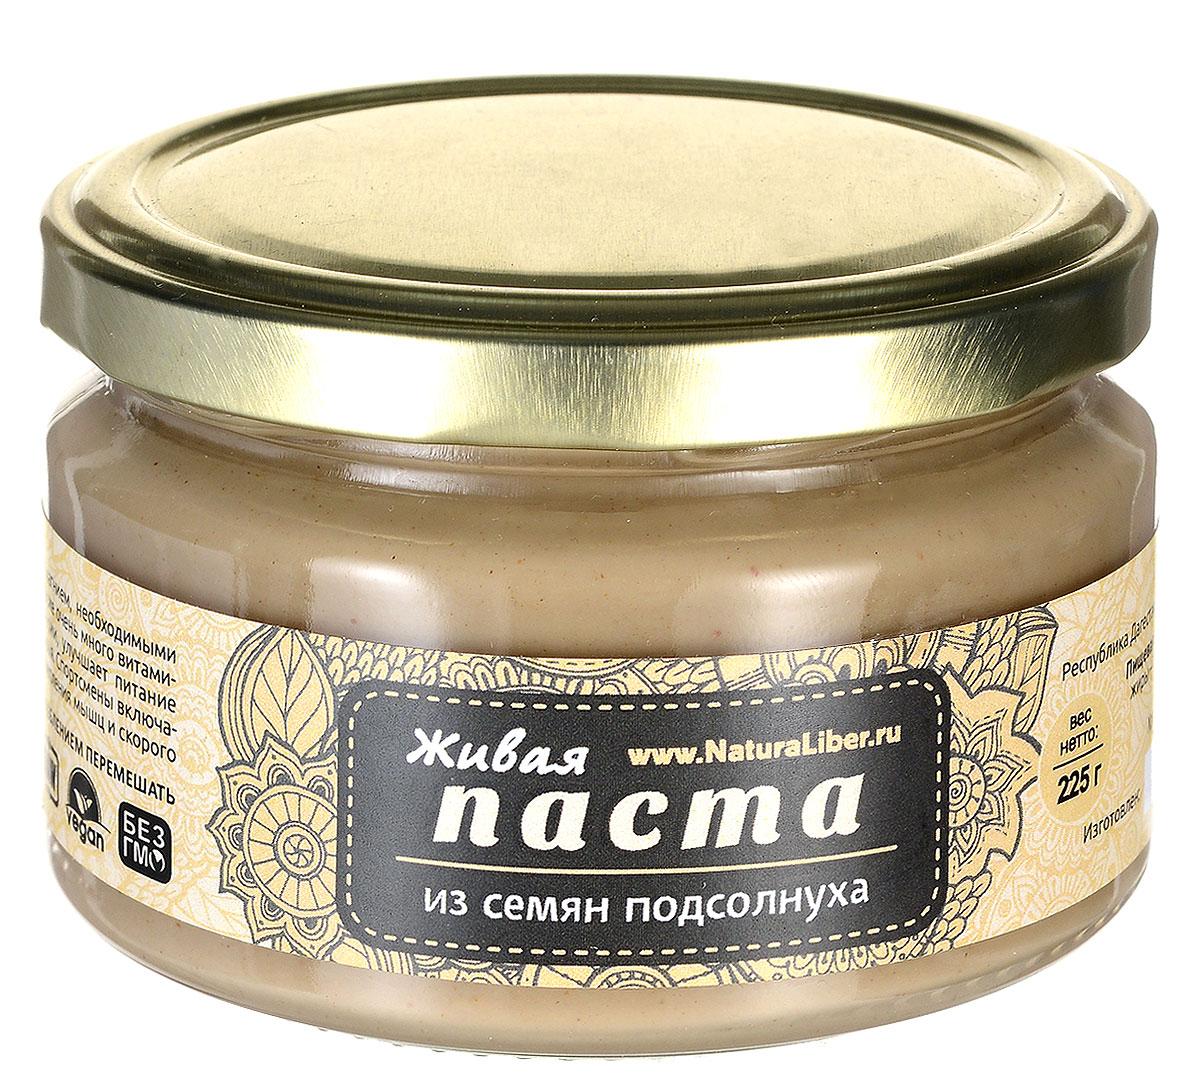 NaturaLiber паста из семян подсолнуха, 225 г00-00000134_225 гСемечки подсолнуха богаты калием и магнием, необходимыми для нормальной работы сердца. В них также очень много витамина E, который помогает очистить артерии, улучшает питание клеток и необходим для женского здоровья. Спортсмены включают семечки подсолнуха в рацион для укрепления мышц и скорого заживления ран!